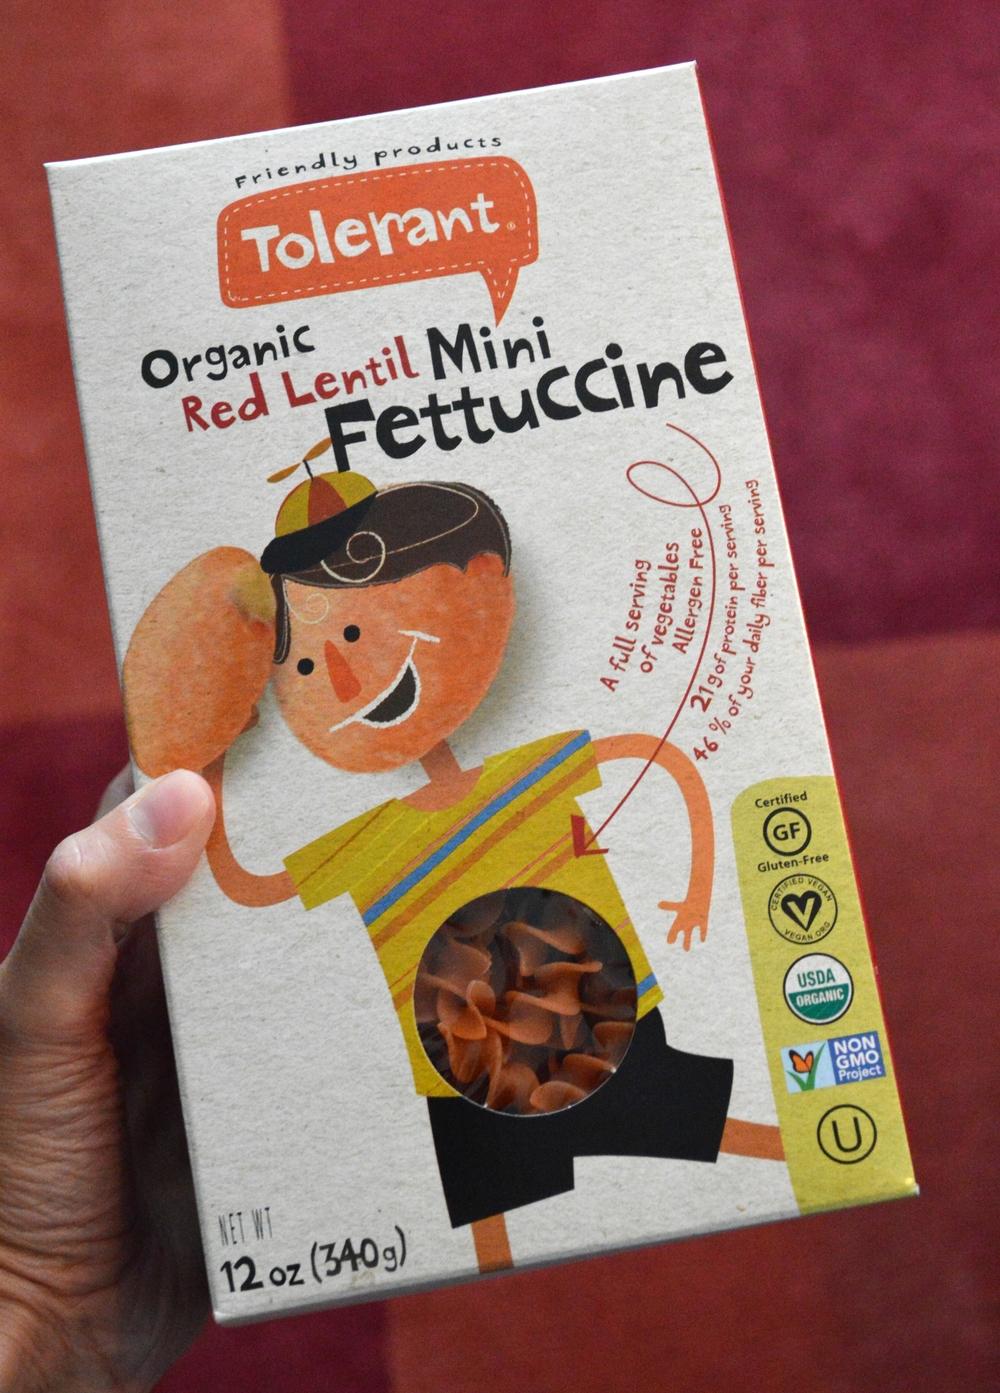 LaurenSchwaiger-Life-Style-Blog-Tolerant-Food-Red-Lentil-Fettuccine.jpg